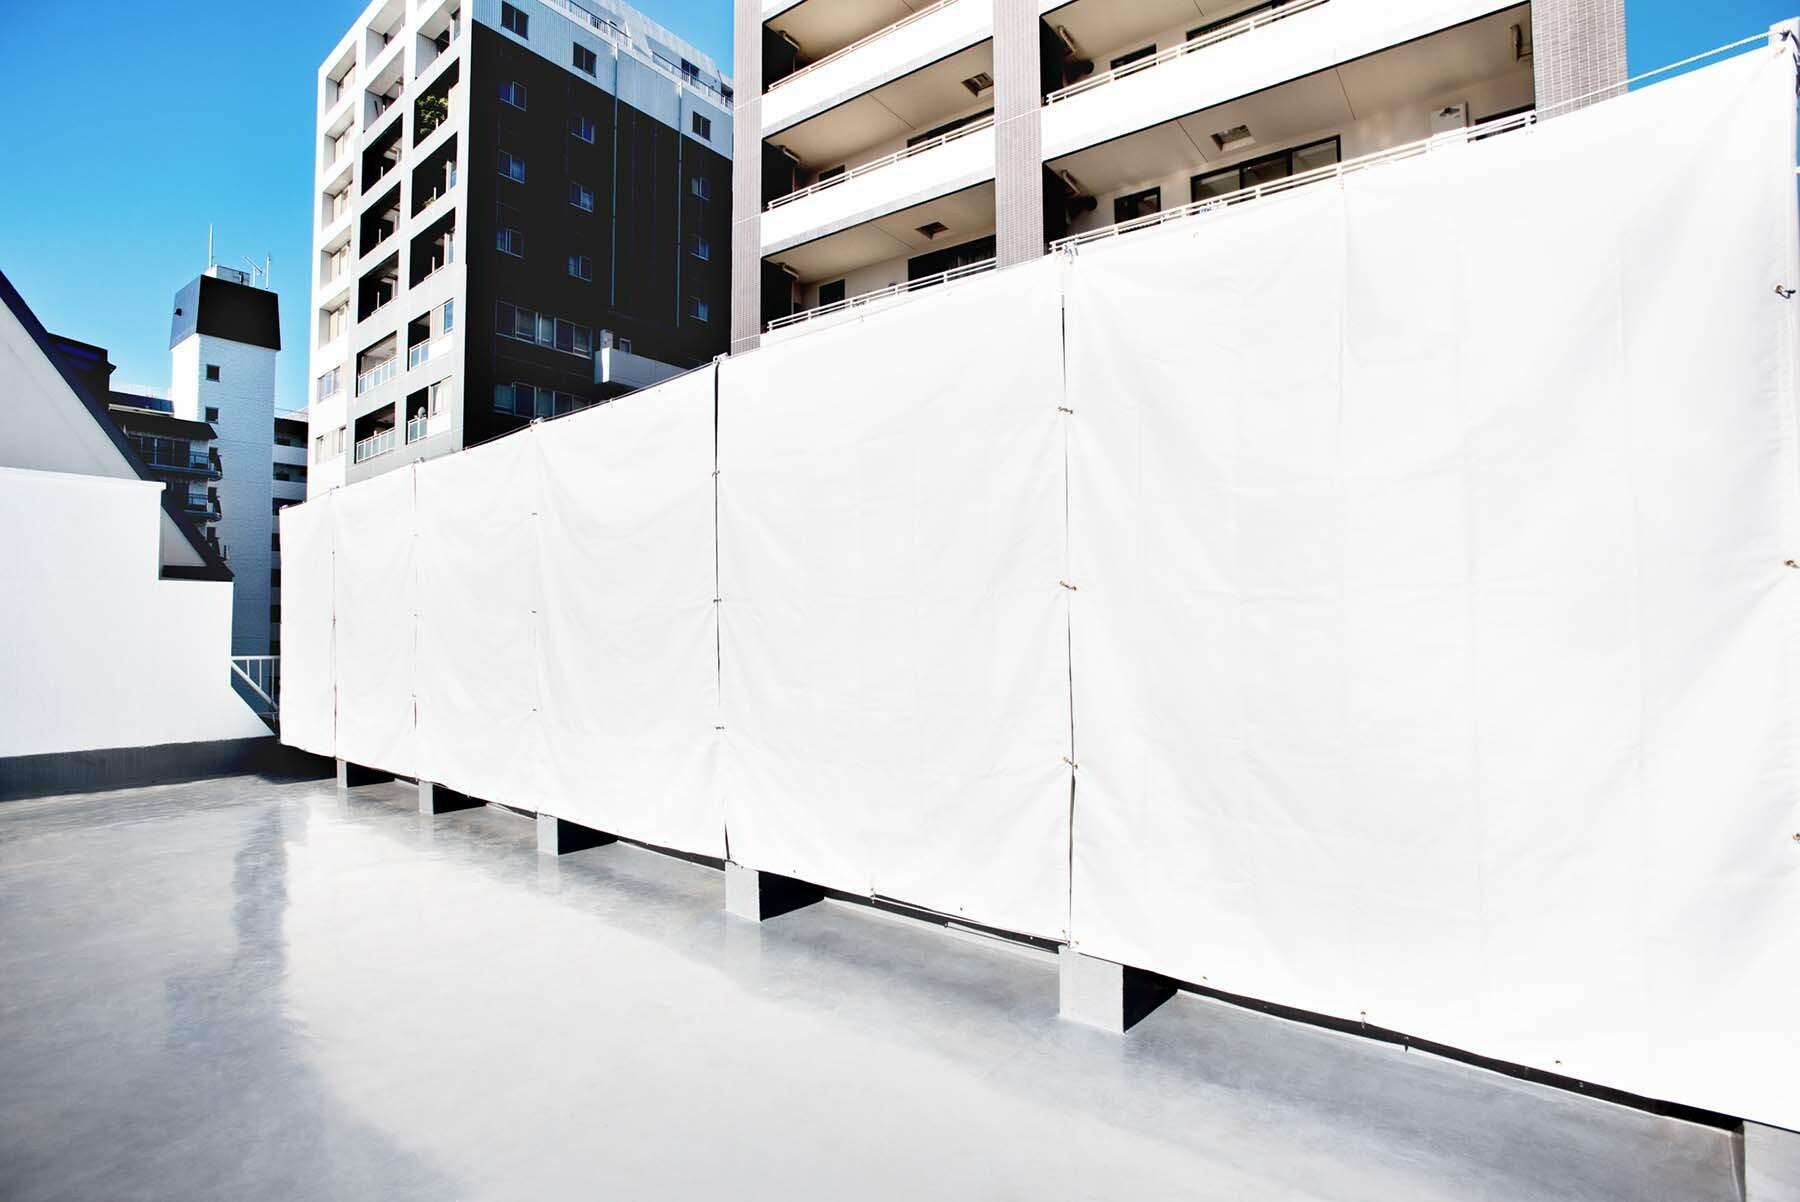 StudioBRICK RF (スタジオブリック八丁堀RF)白のテント地シート(無料)